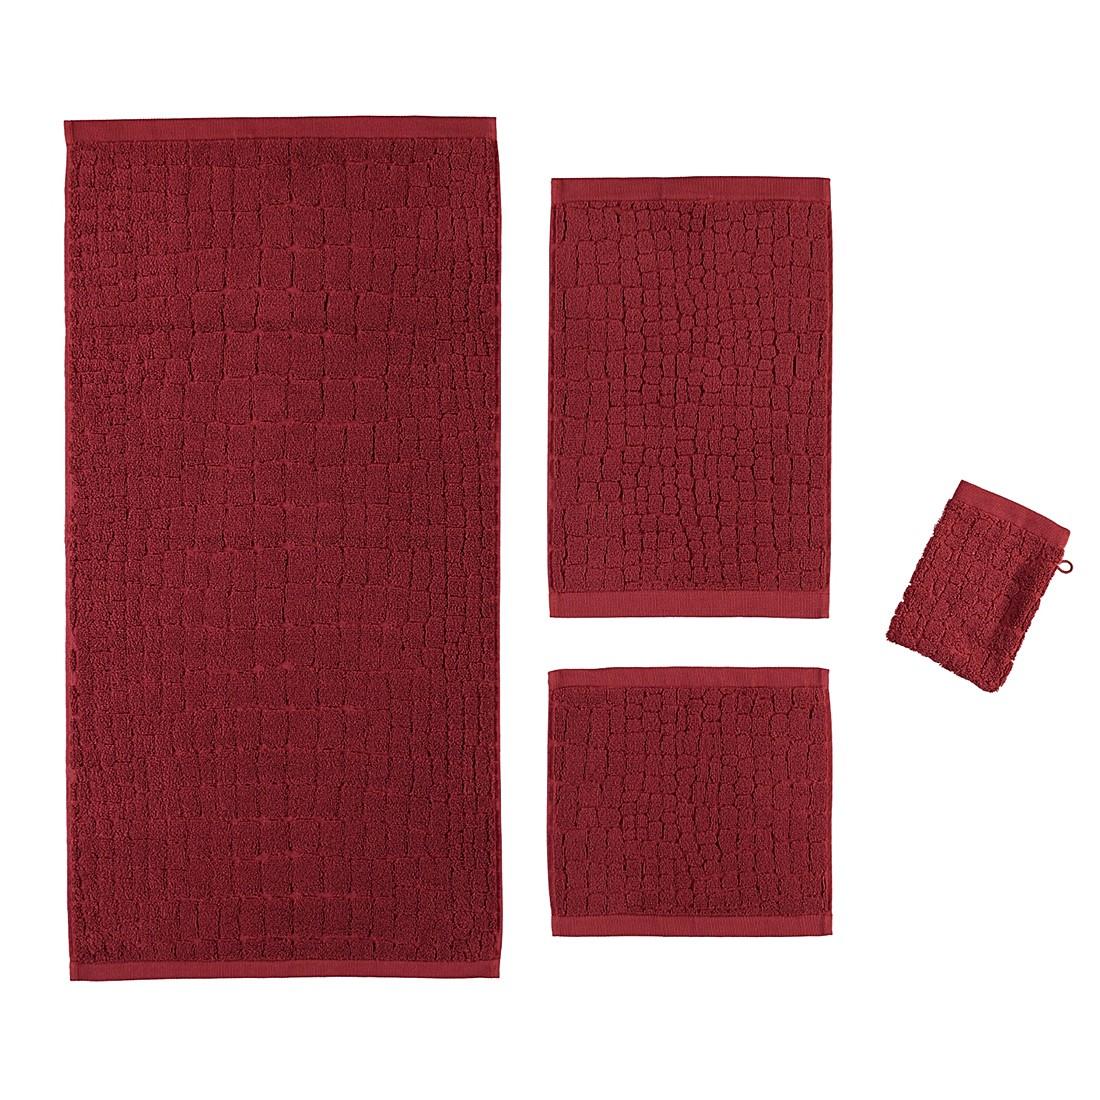 Handtuch Croco – 100% Baumwolle marsala – 720 – Handtuch: 50 x 100 cm, Möve online bestellen